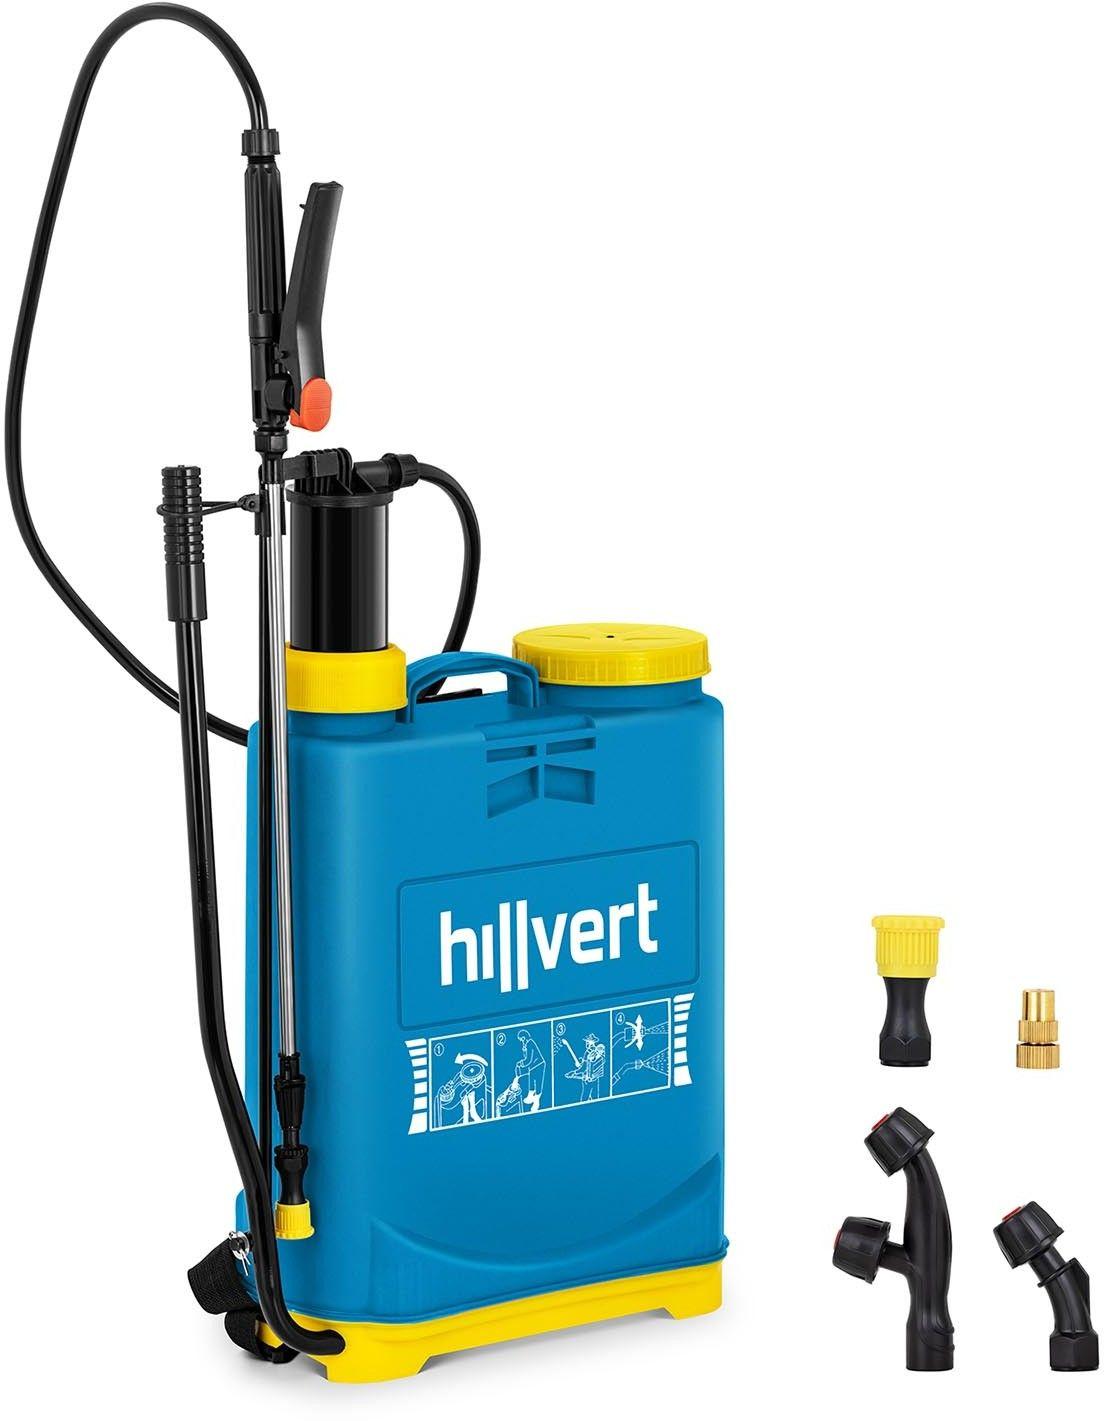 Opryskiwacz ciśnieniowy - 16 l - Hillvert - HT-COLUMBIA-16L - 3 lata gwarancji/wysyłka w 24h